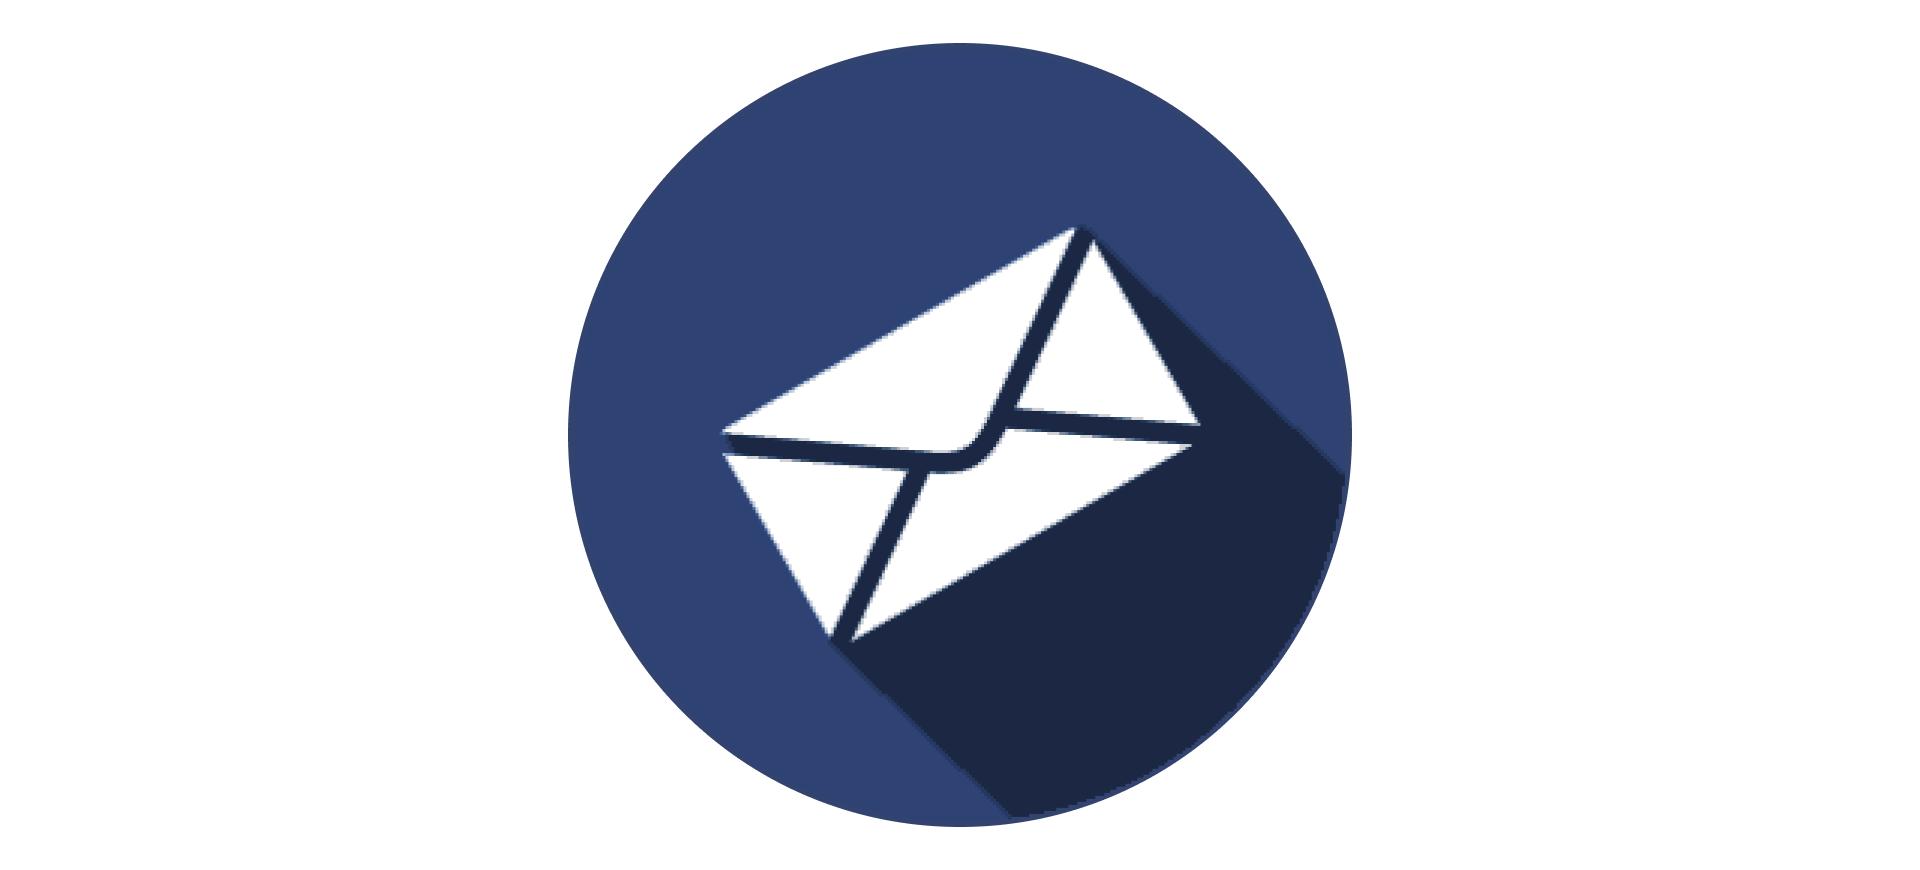 Envoi par email